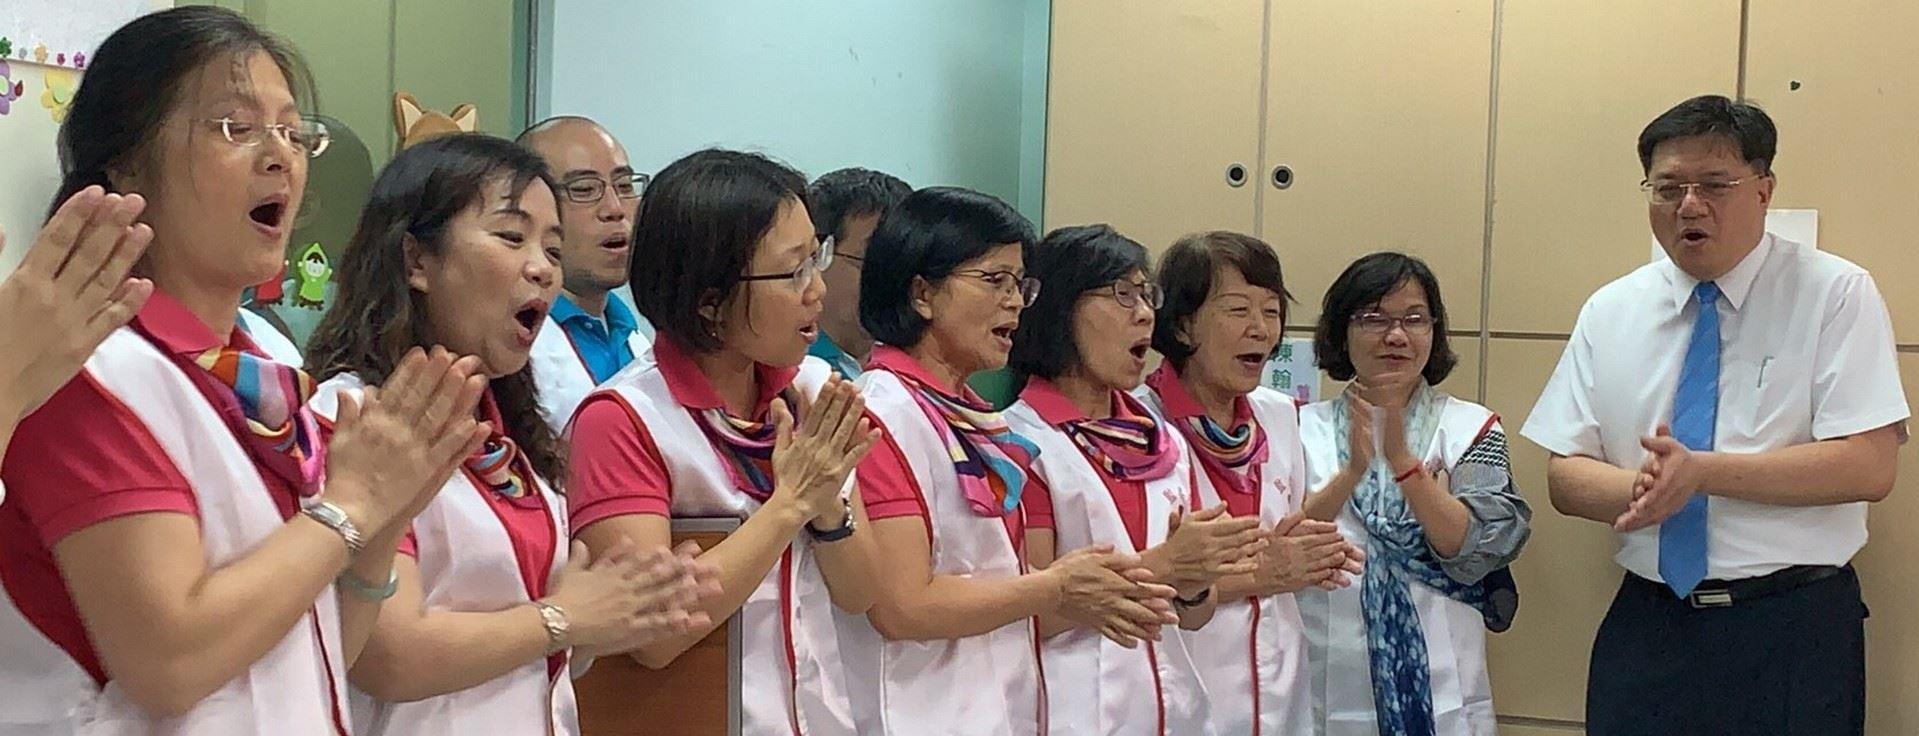 108年9月11日監察院愛心會與合唱團參訪慰助新北市自閉症潛能發展中心